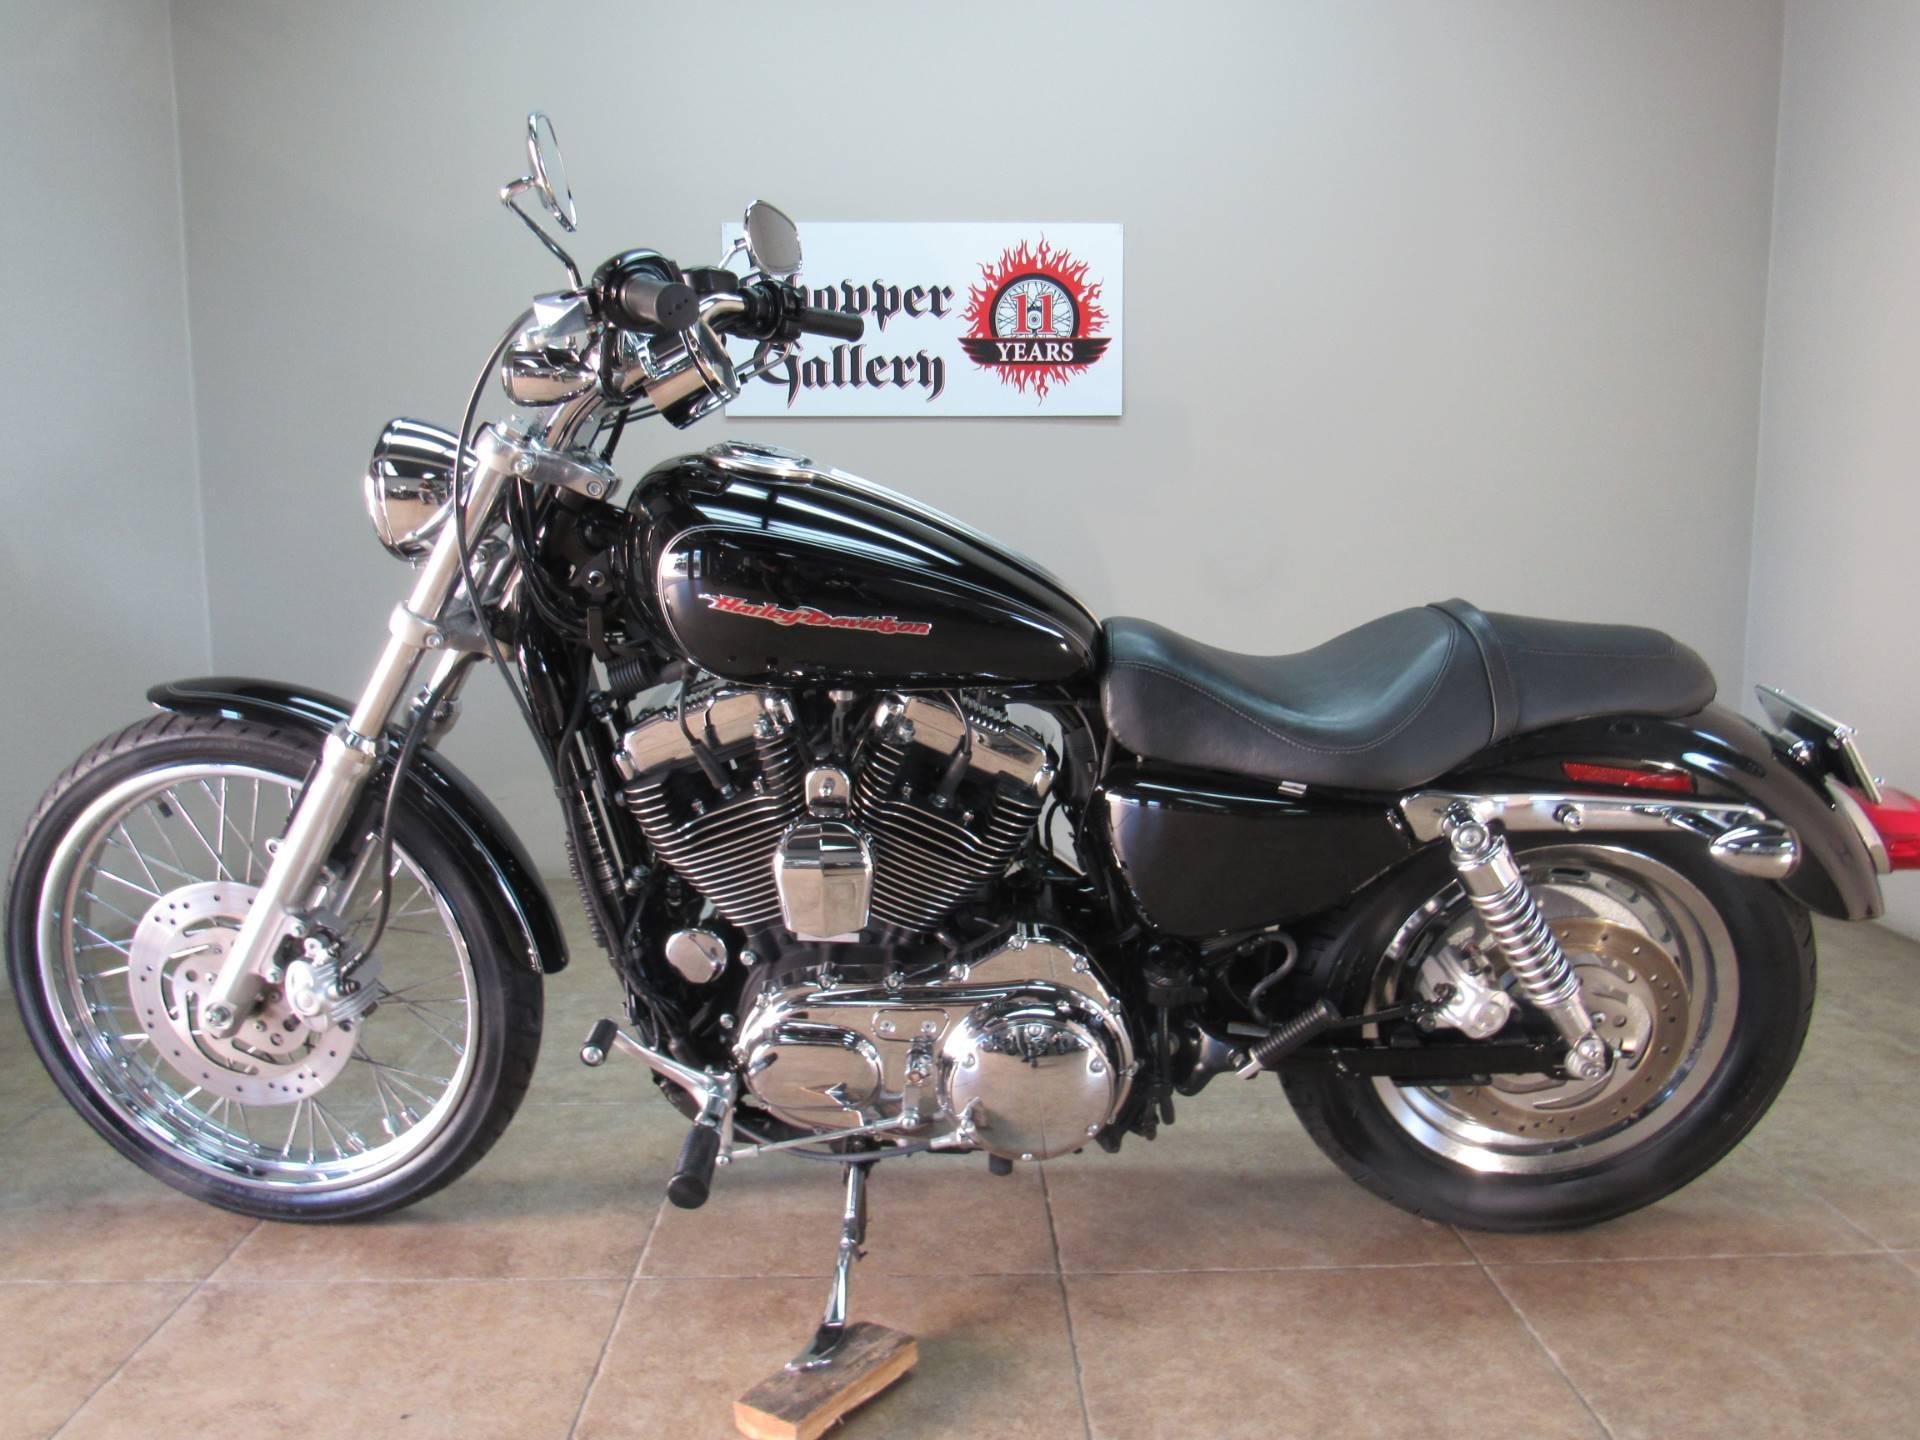 Harley Davidson Sportster 1200 >> Used 2007 Harley Davidson Sportster 1200 Custom Motorcycles In